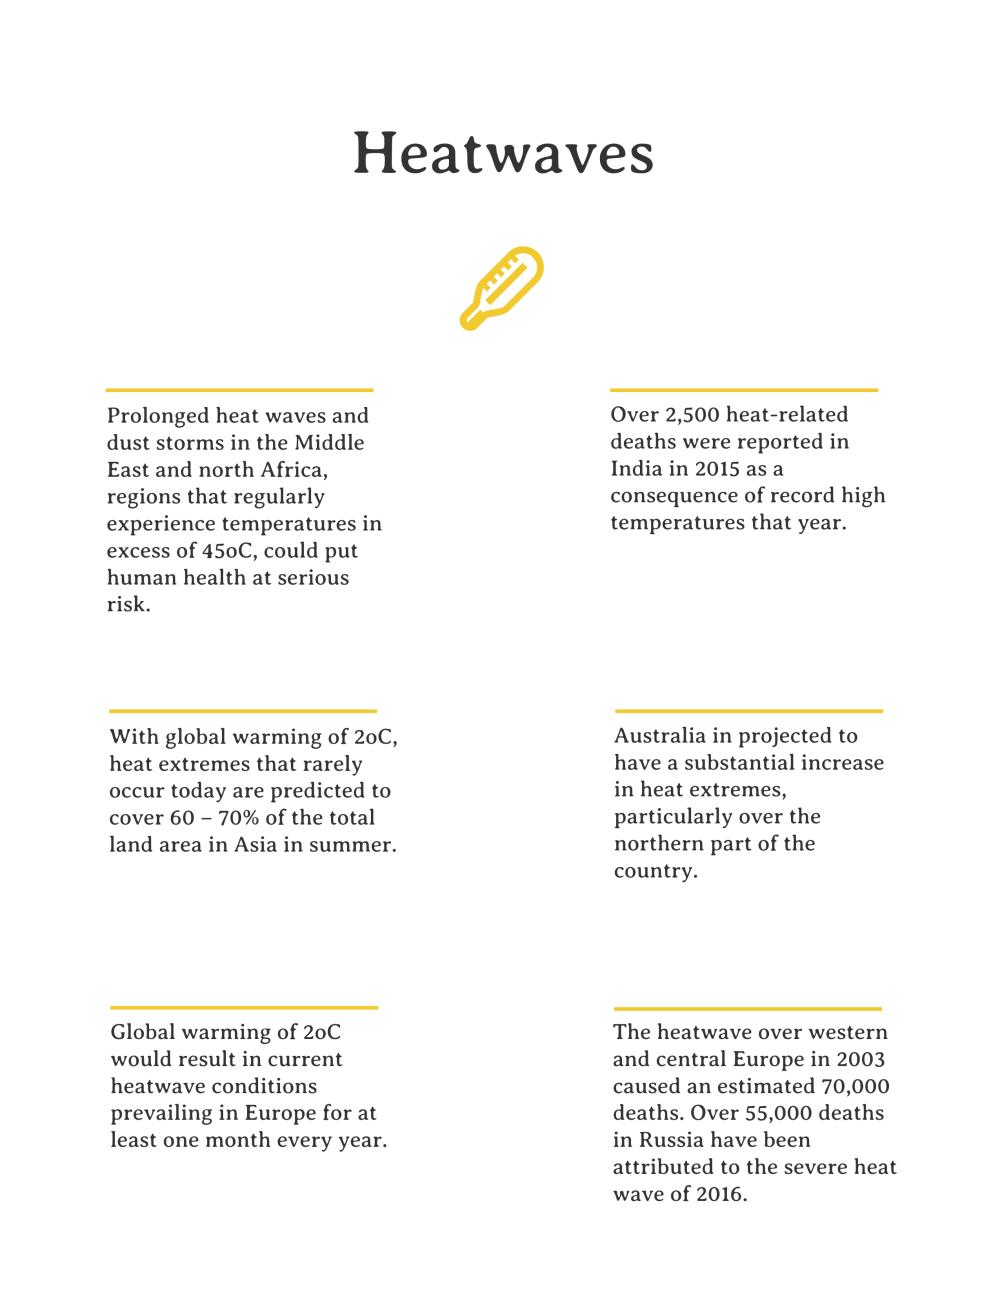 Heatwaves.png